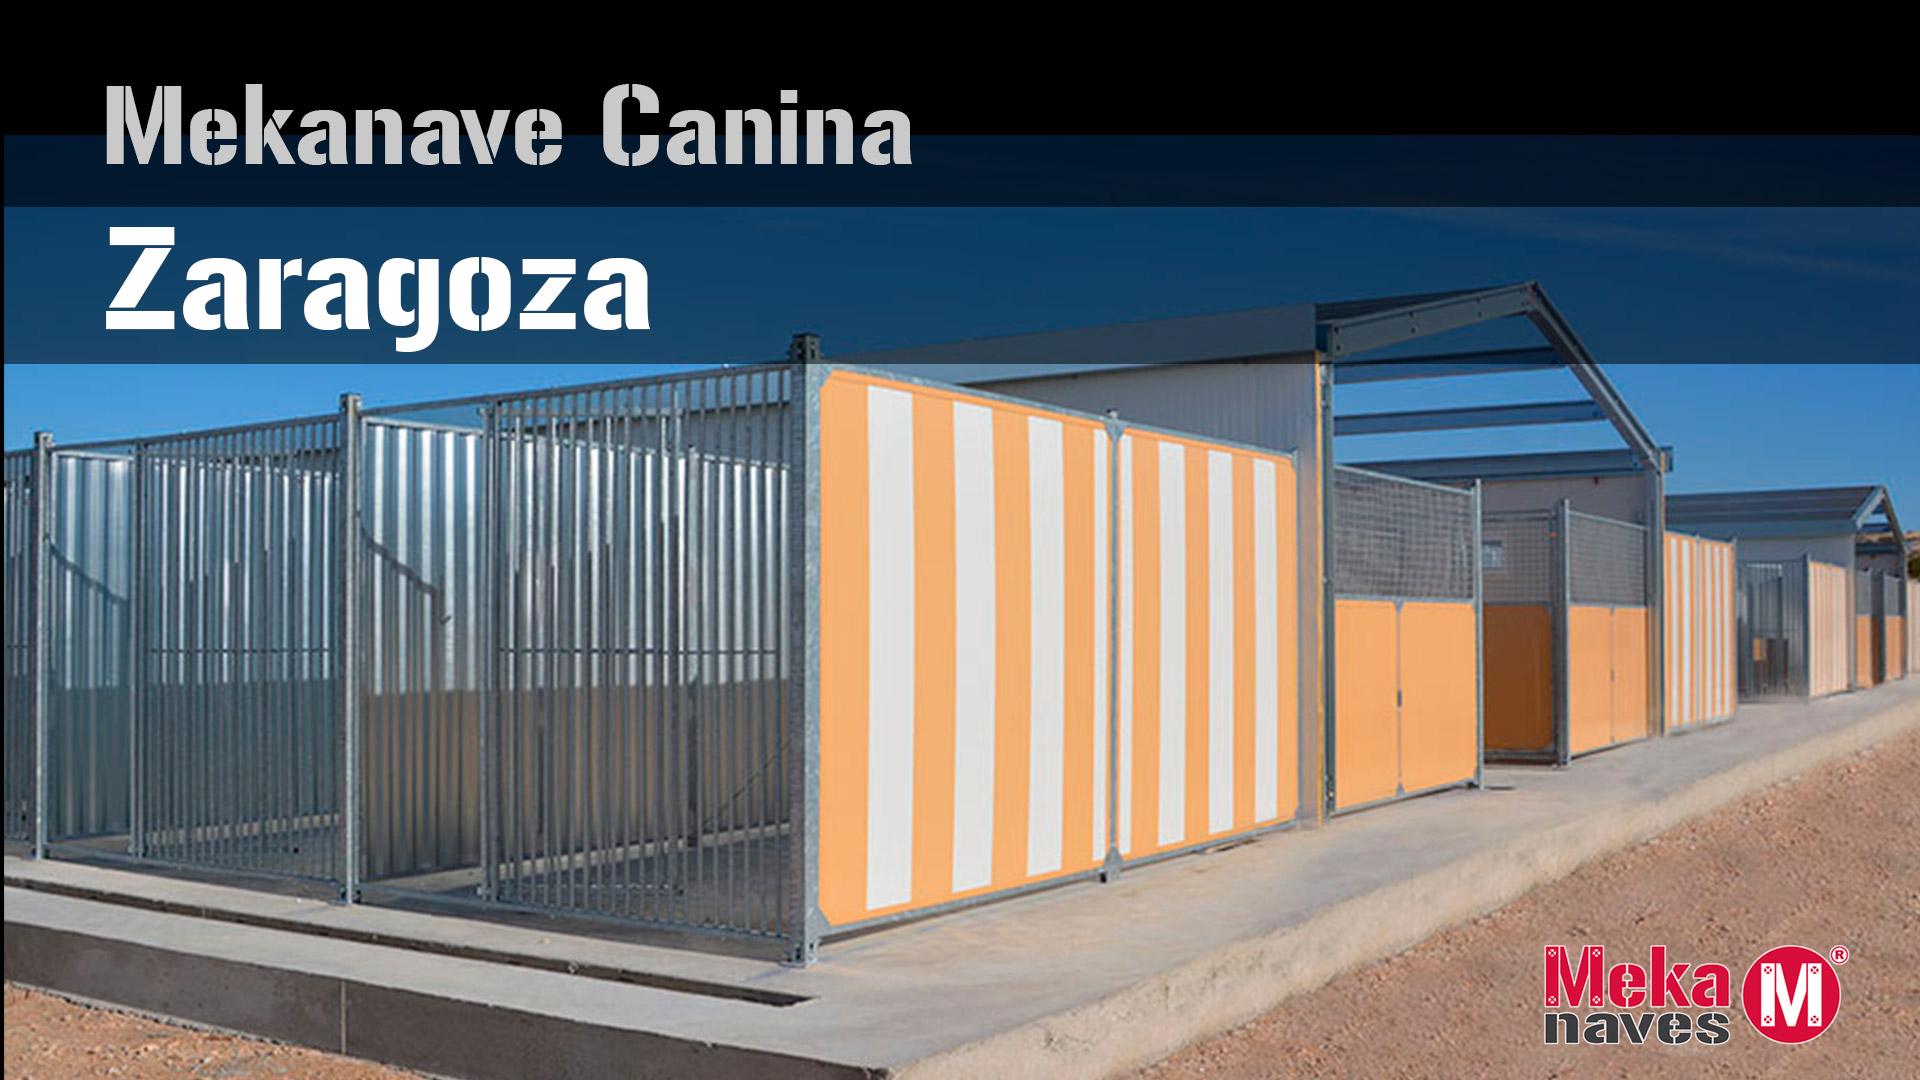 Naves caninas en Zaragoza, Centro Municipal de Protección Animal. Mekanaves